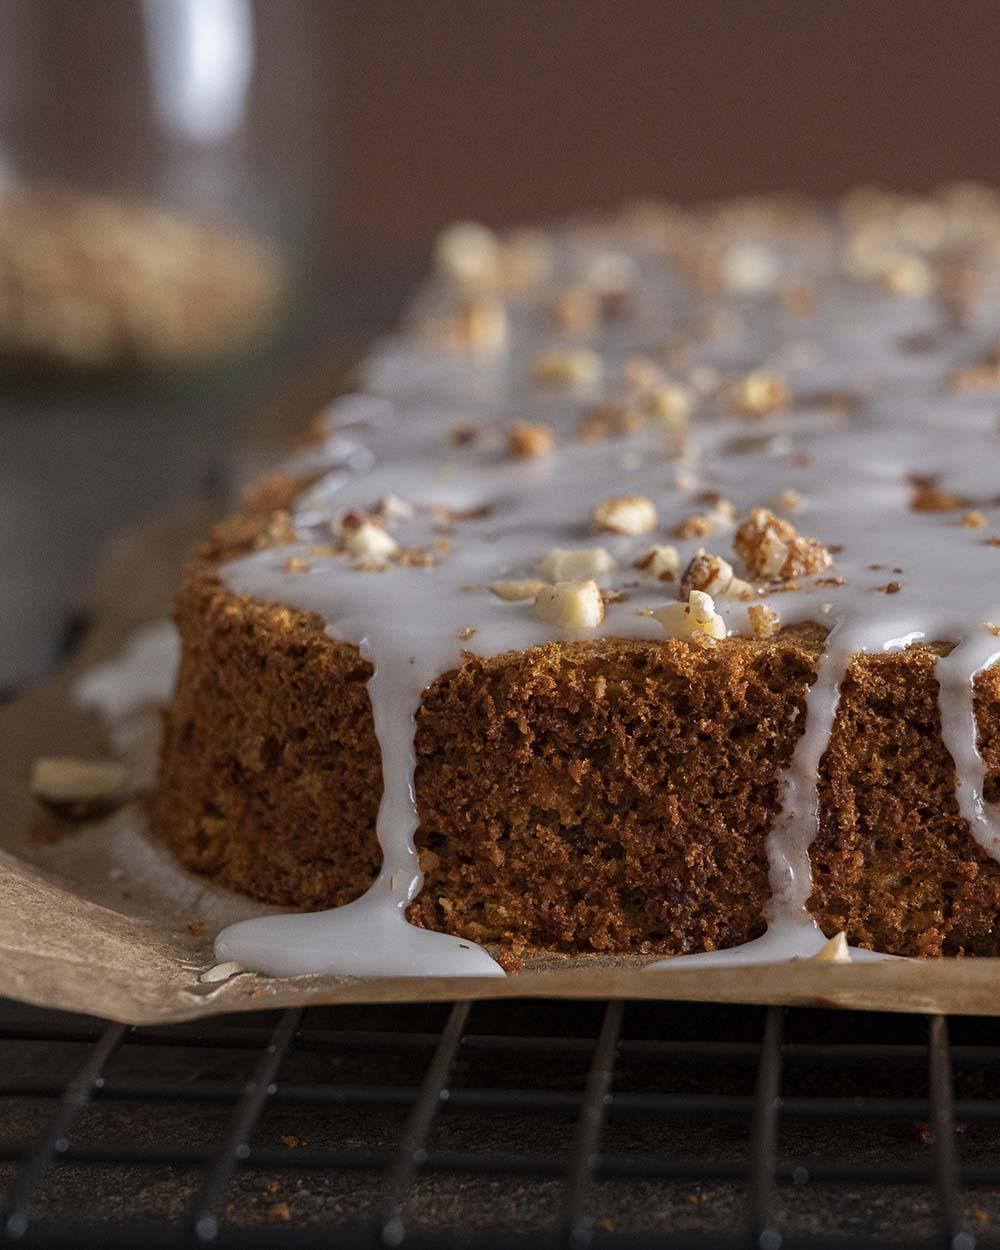 Der Möhrenkuchen mit Zitronenguss wird mit etwas Haselnusskrokant verziert